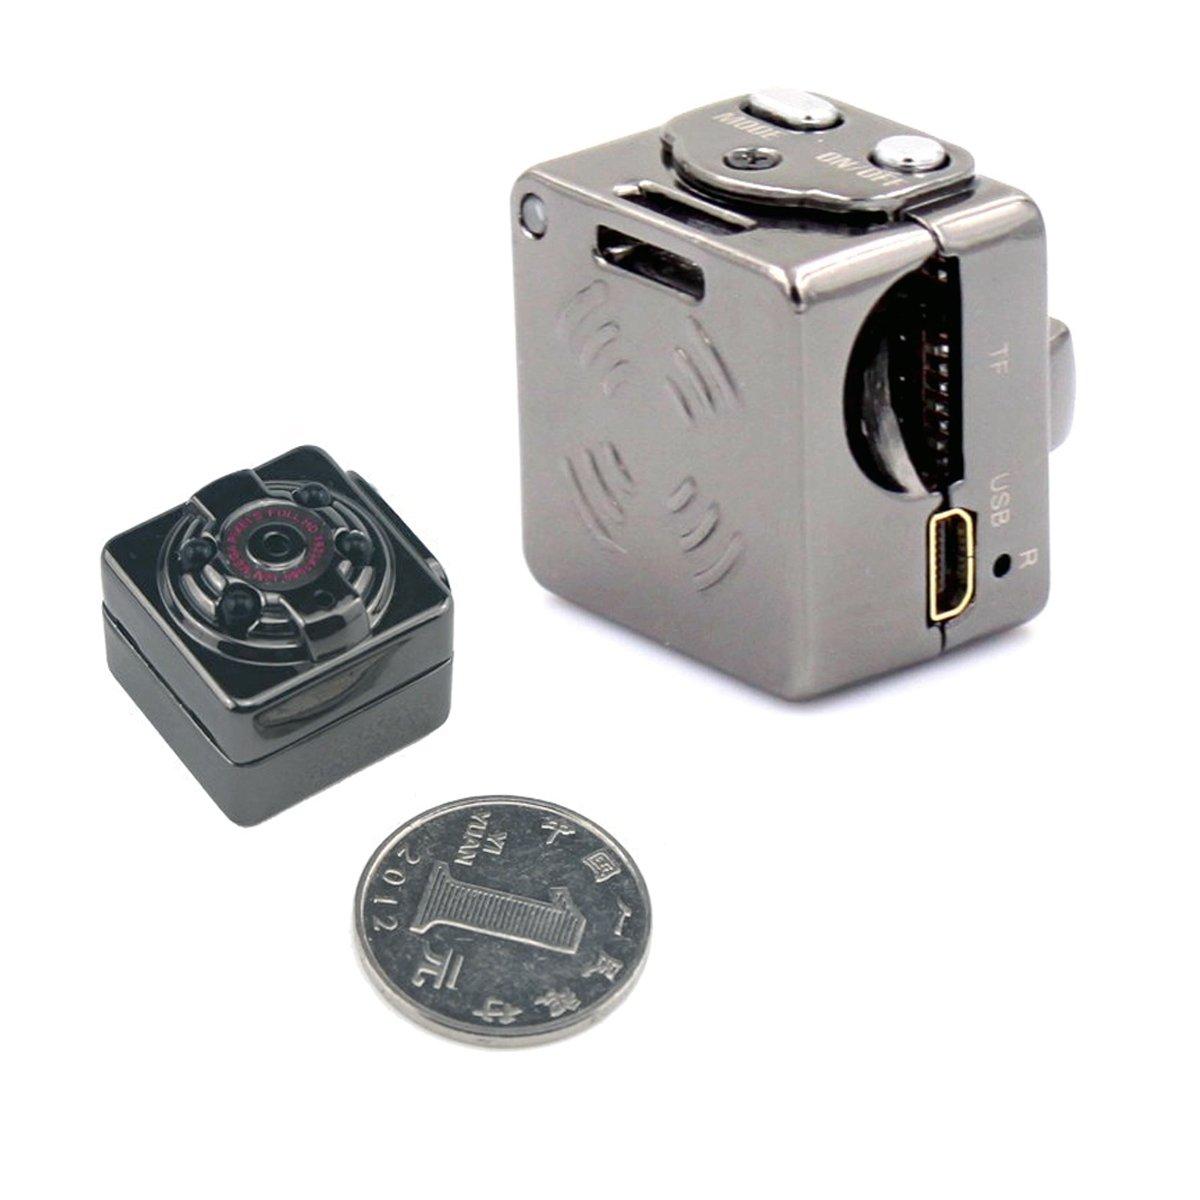 Mini Cámara de mano Espía HD 1080P PC Sport Interiores/Exteriores, Mini cámara escondida, grabador de voz y video con visión nocturna infrarroja.